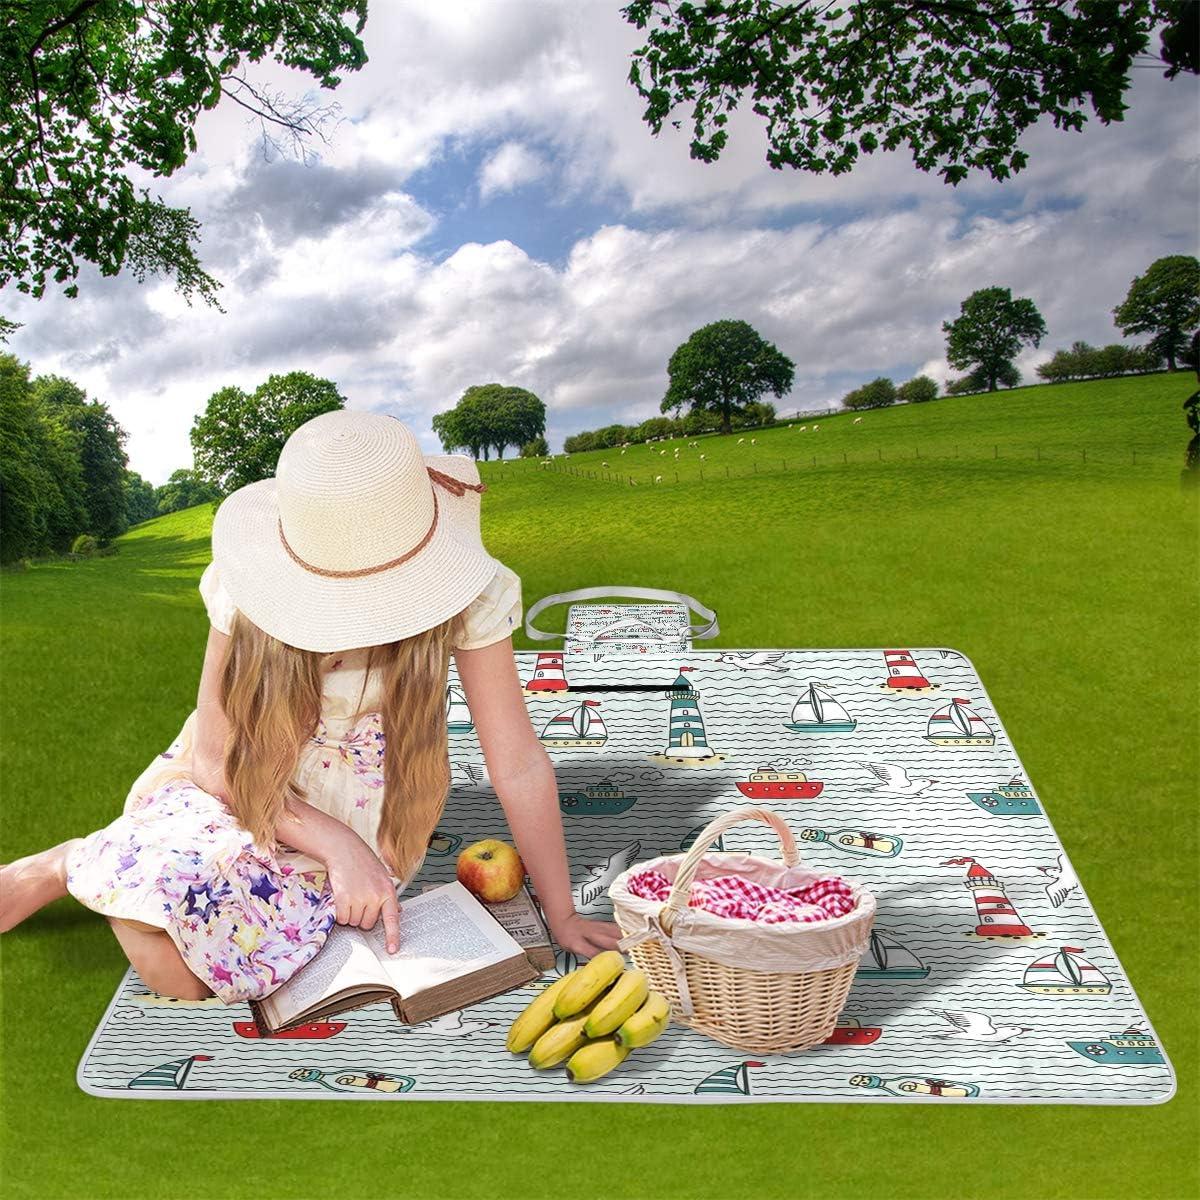 XINGAKA Coperta da Picnic Tappetino Campeggio,Stile di Vita Motivazione Citazione Vernice Stampa,Giardino Spiaggia Impermeabile Anti Sabbia 11